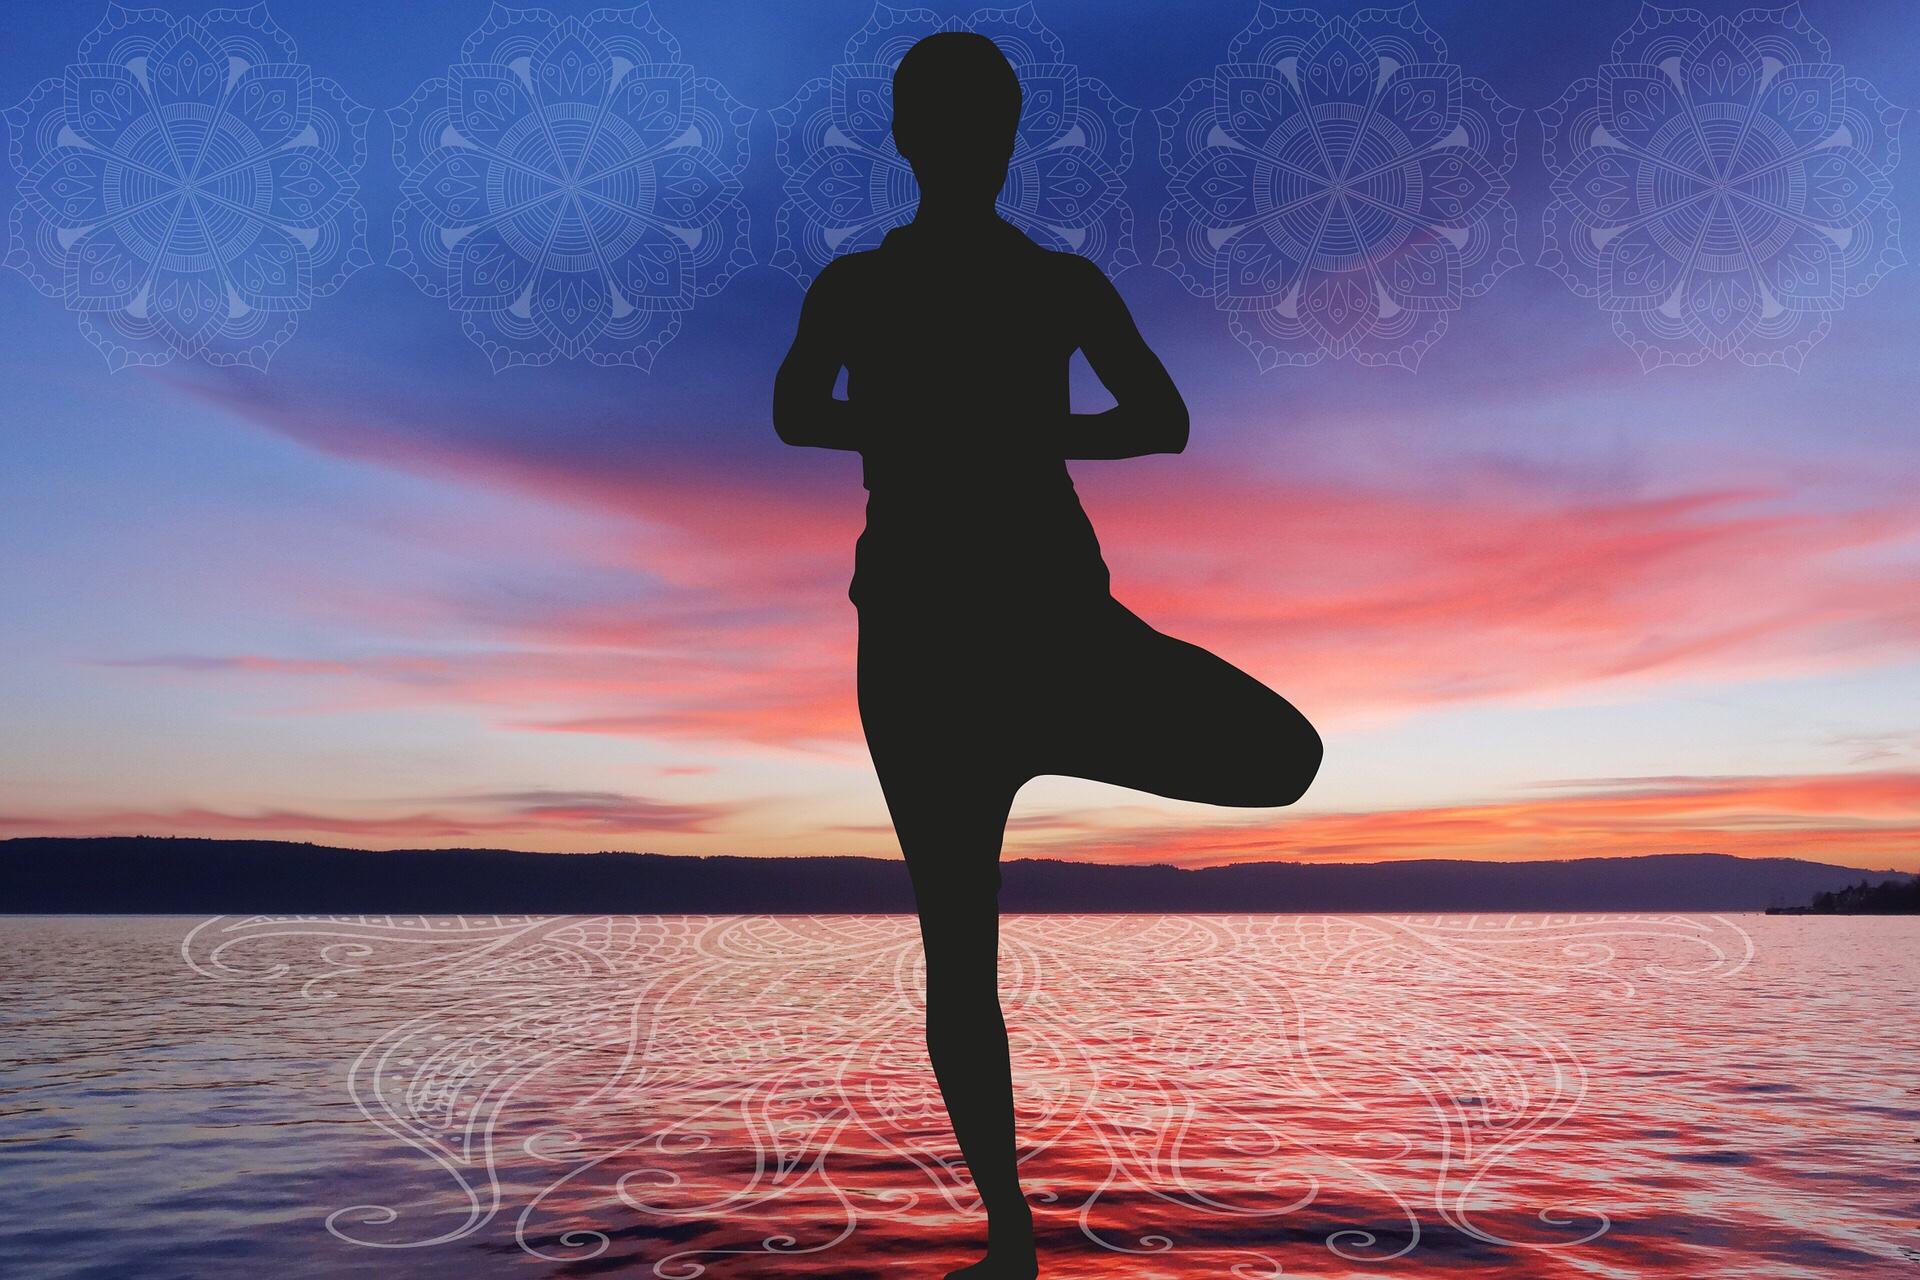 片足立ちのトレーニングが競技能力向上に有効な理由 #68